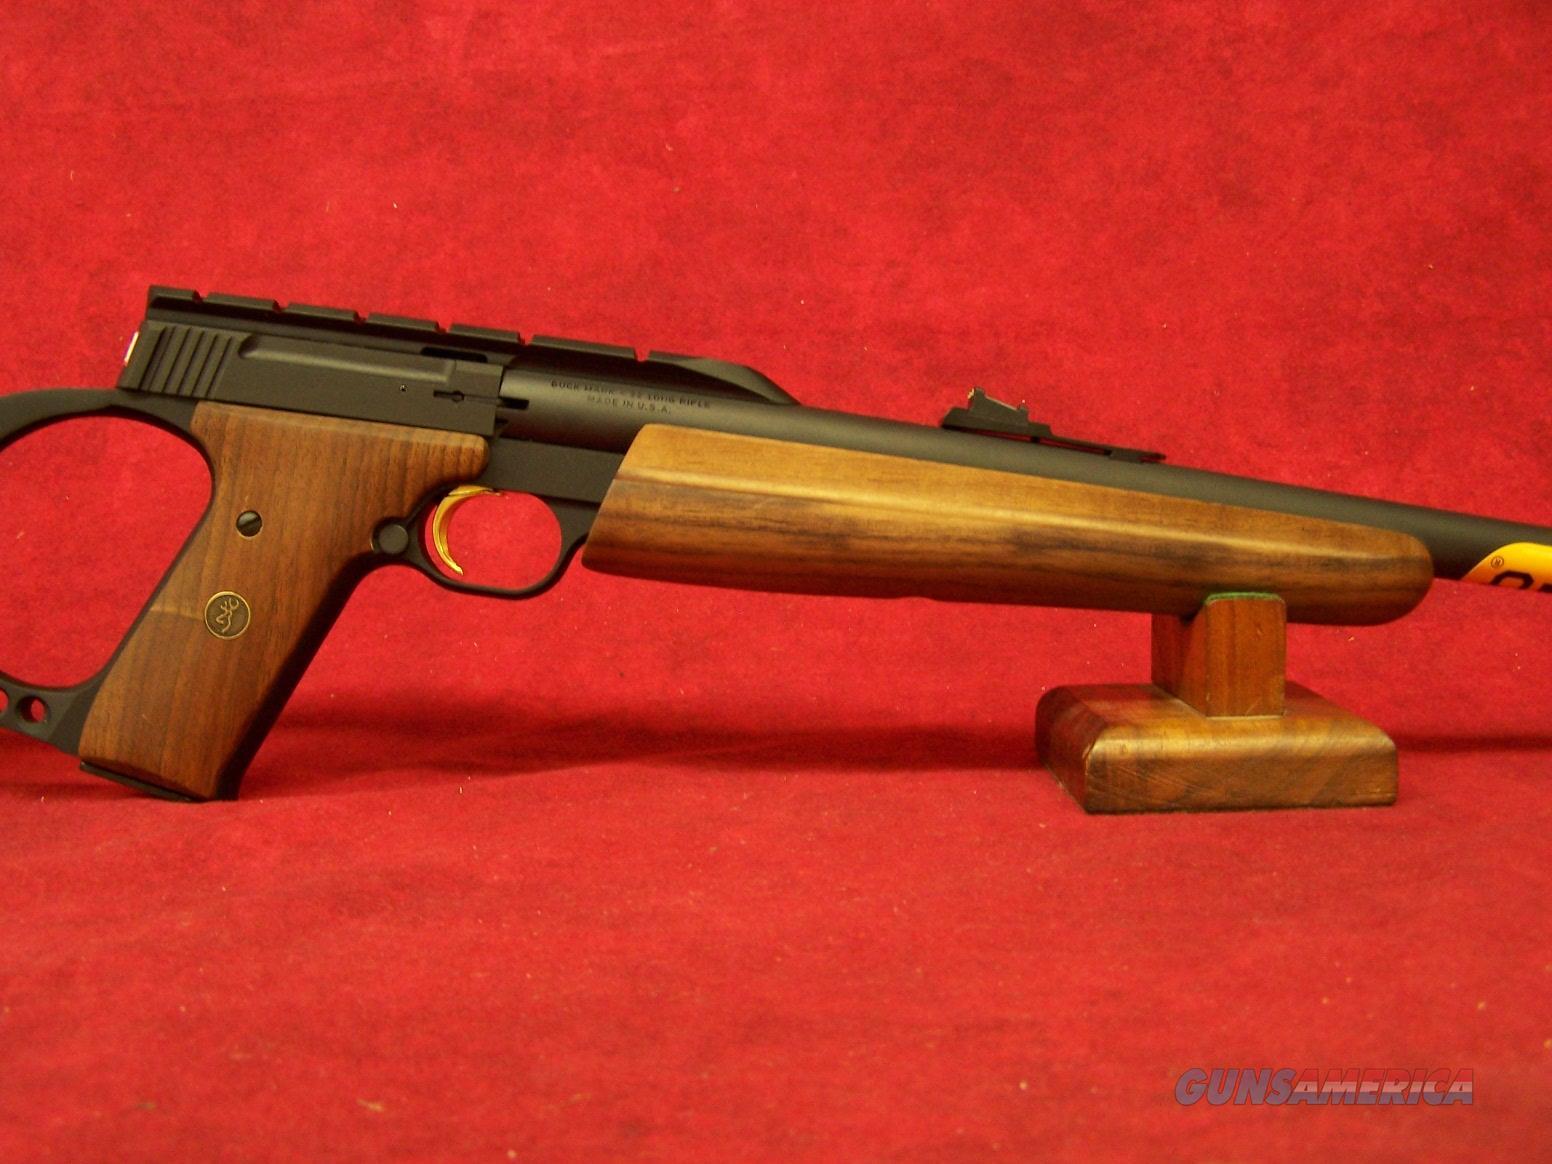 """Browning Buck Mark Sporter Rifle .22LR Walnut stock 18"""" Tapered Barrel (021026102)  Guns > Rifles > Browning Rifles > Semi Auto > Hunting"""